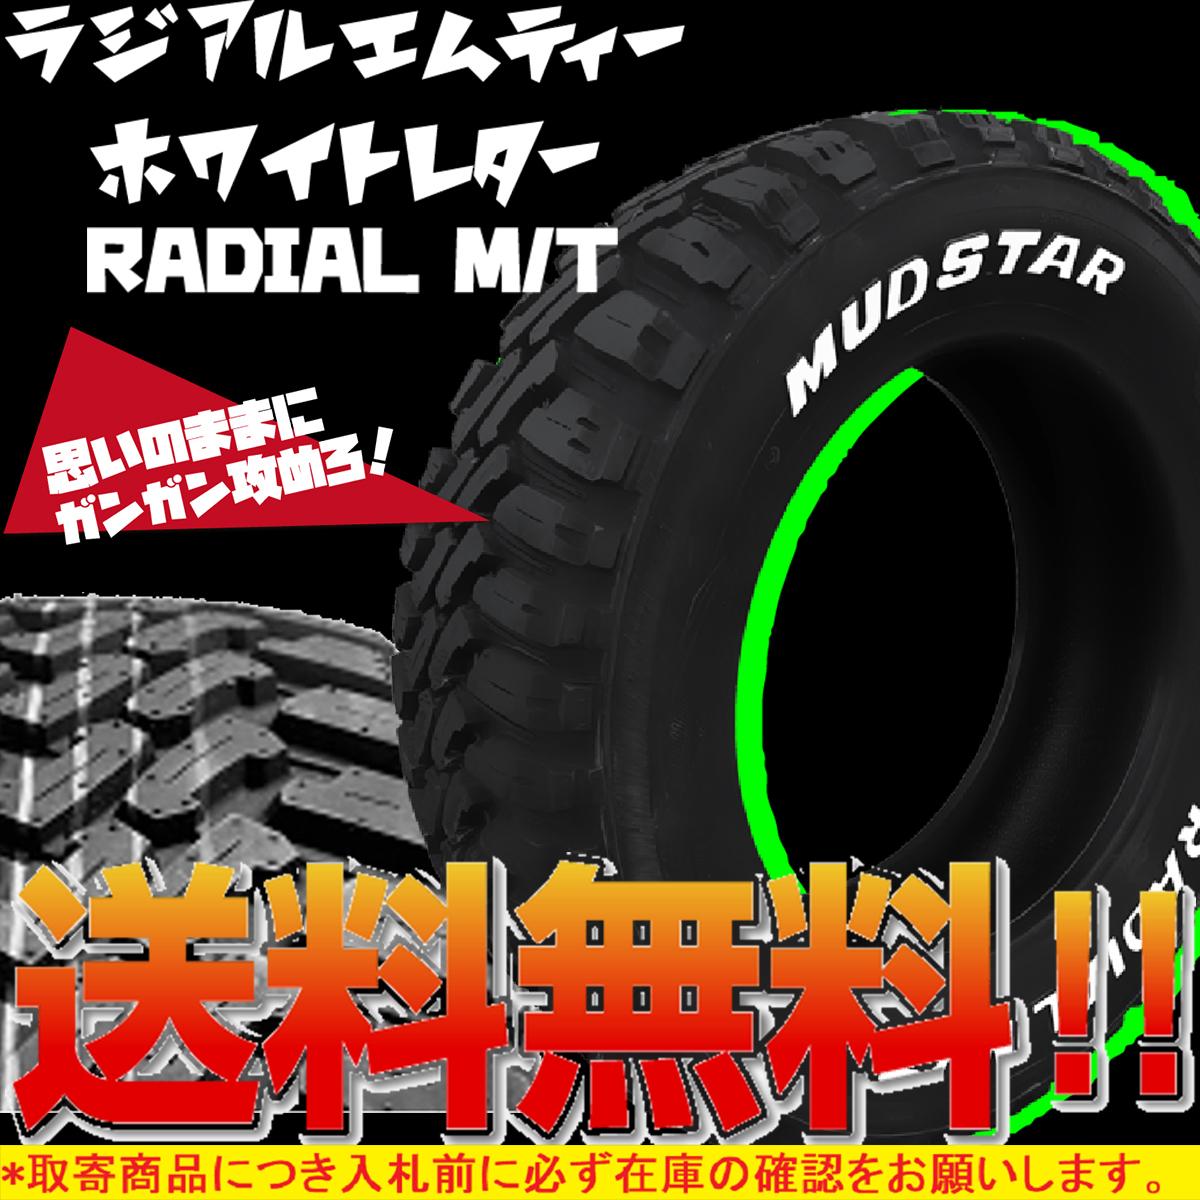 送料無料 新品 ホワイトレター NANKANG MUDSTAR RADIAL M/T 205/60-16 205/60R16 96T 1本 SAI ノア ヴォクシー エスクァイア_画像1